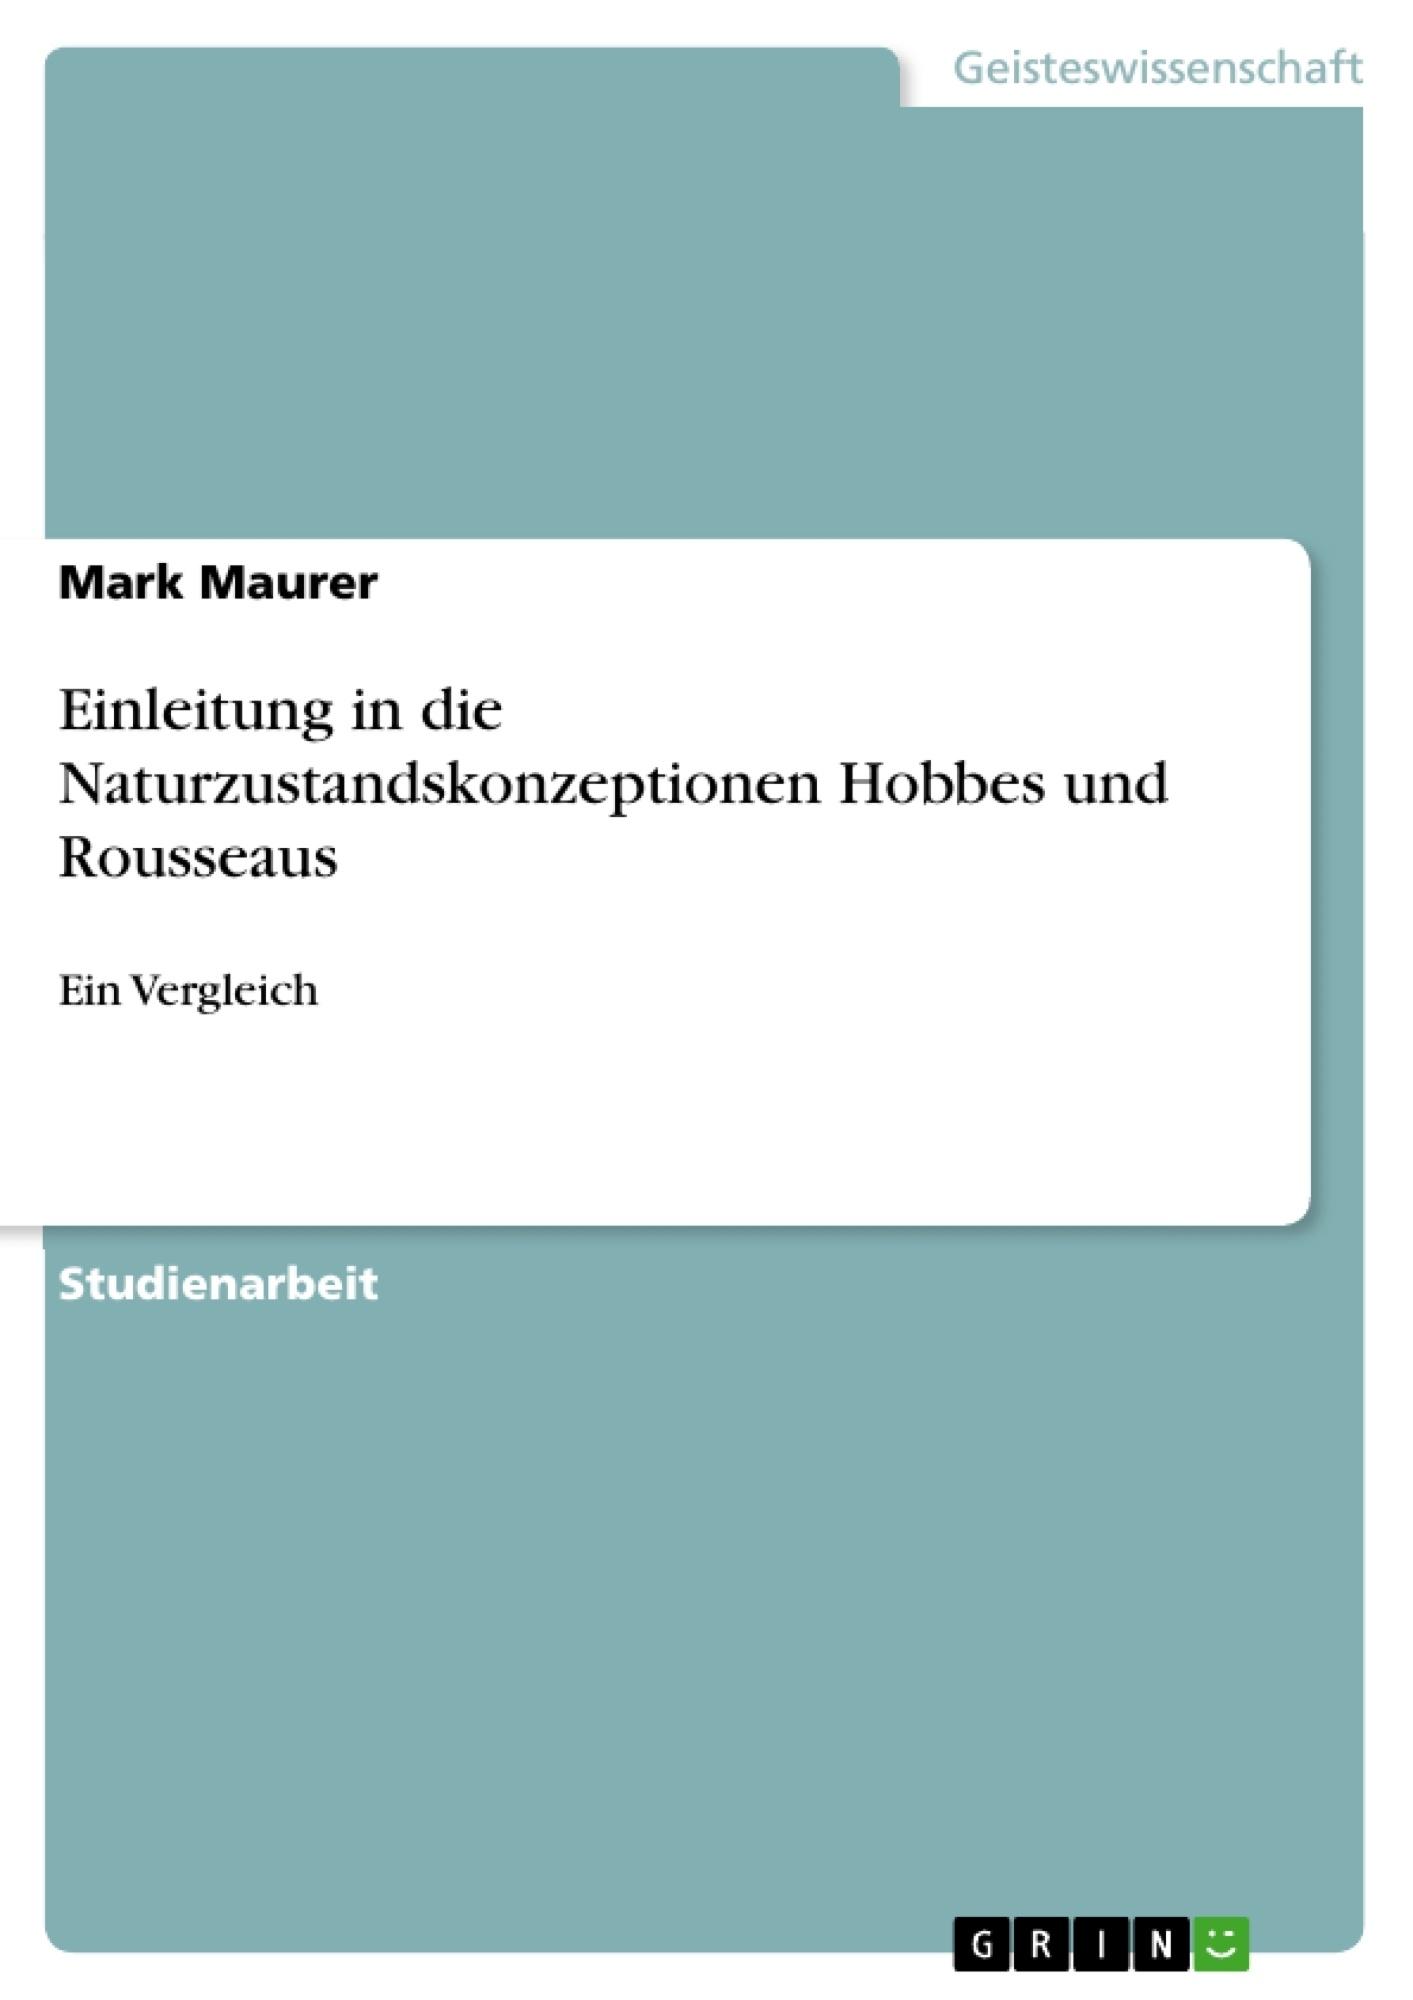 Titel: Einleitung in die Naturzustandskonzeptionen Hobbes und Rousseaus